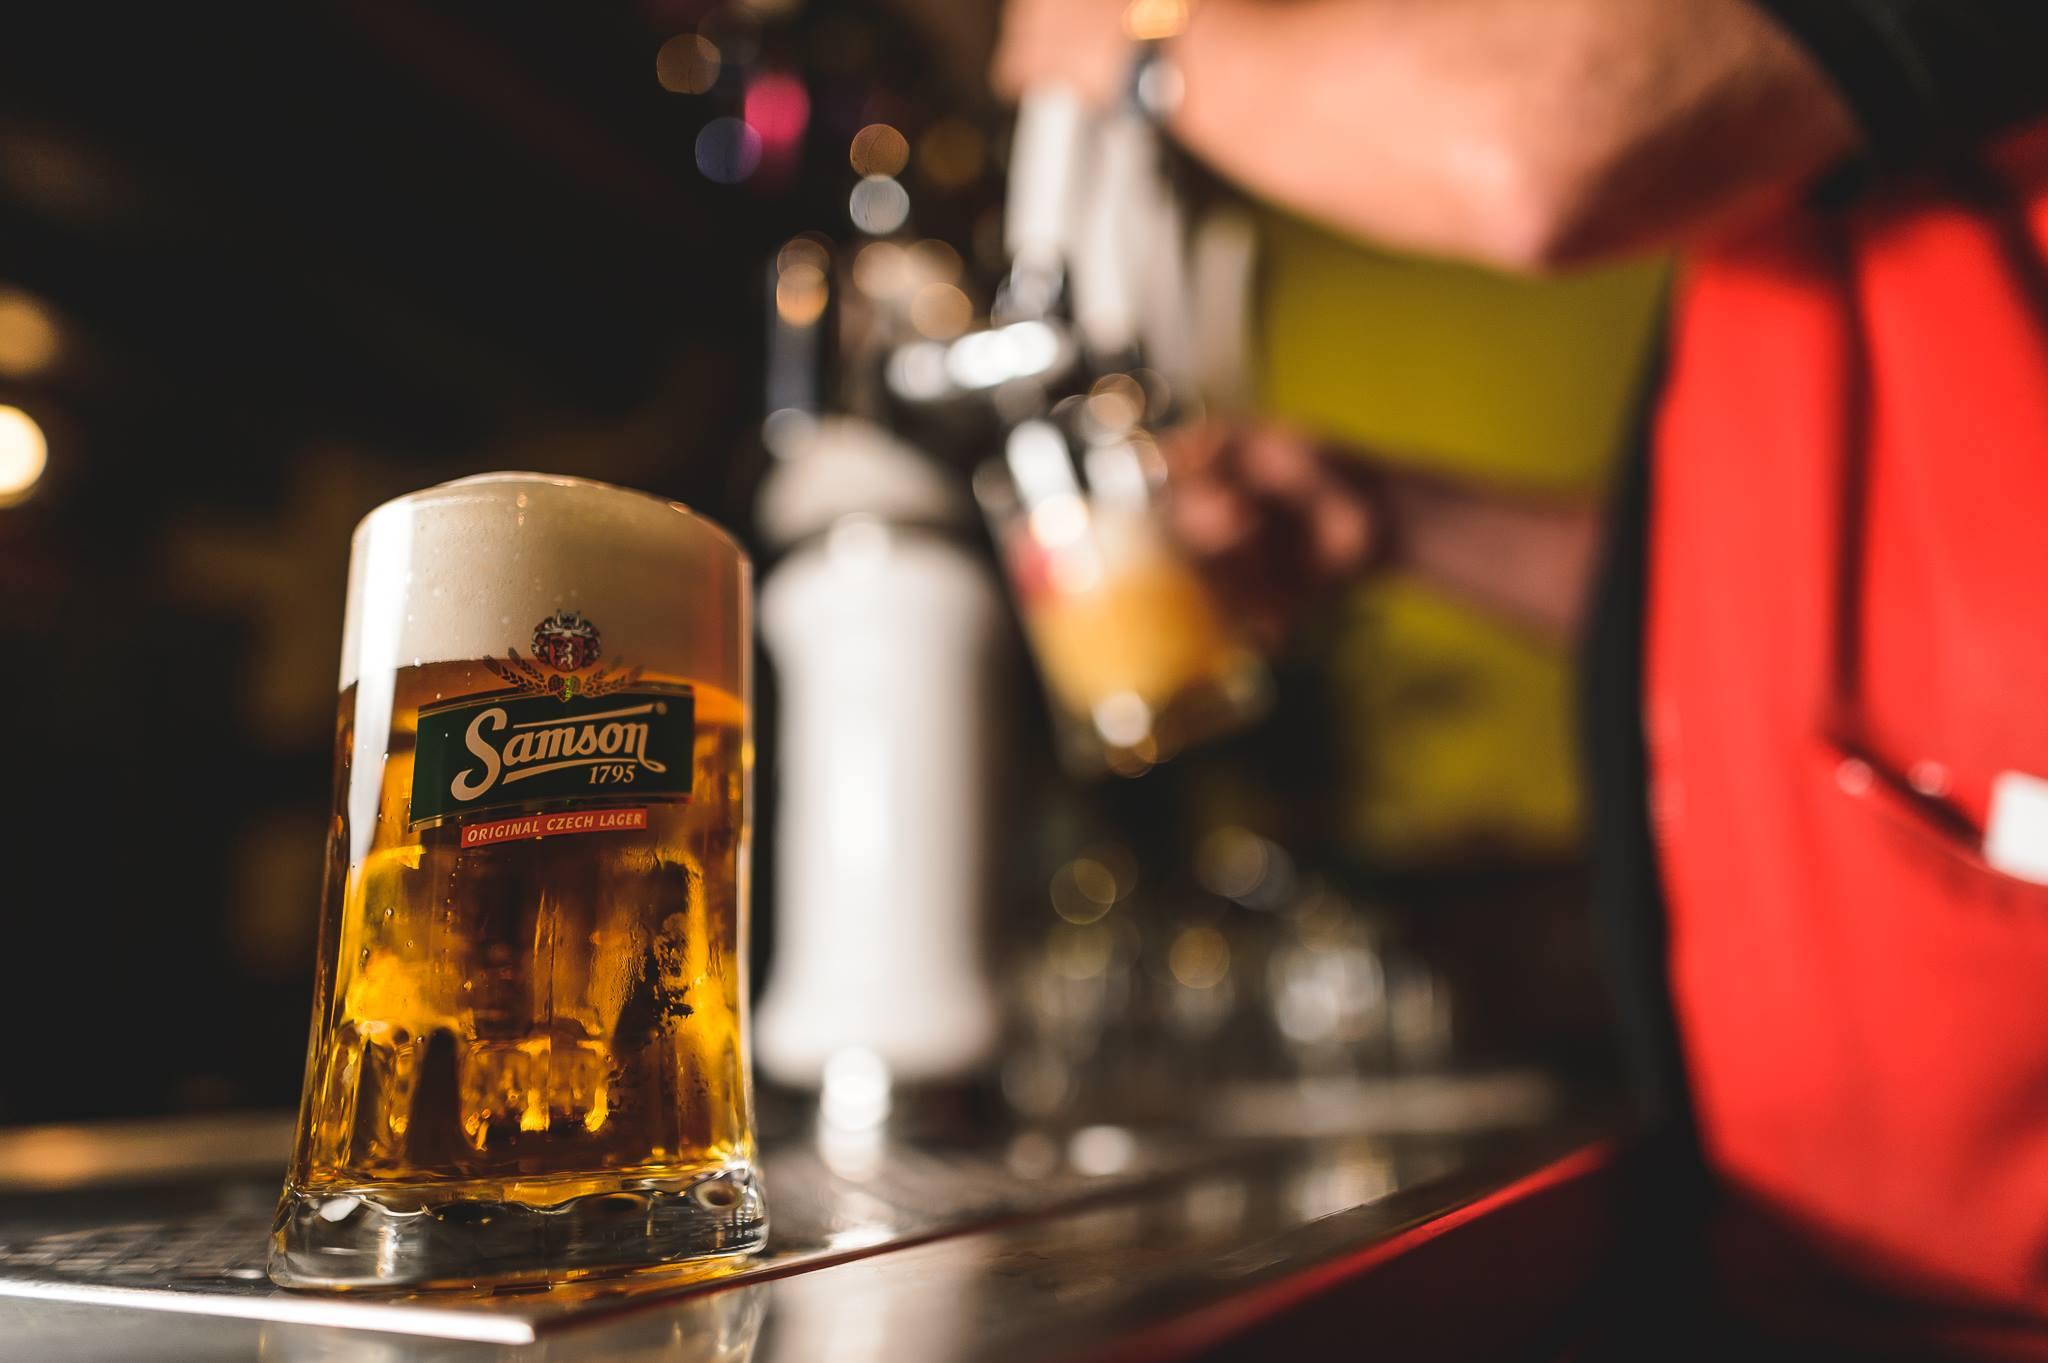 Poprvé a hned bronz. Samson slavil úspěch na mezinárodní pivní soutěži v Austrálii